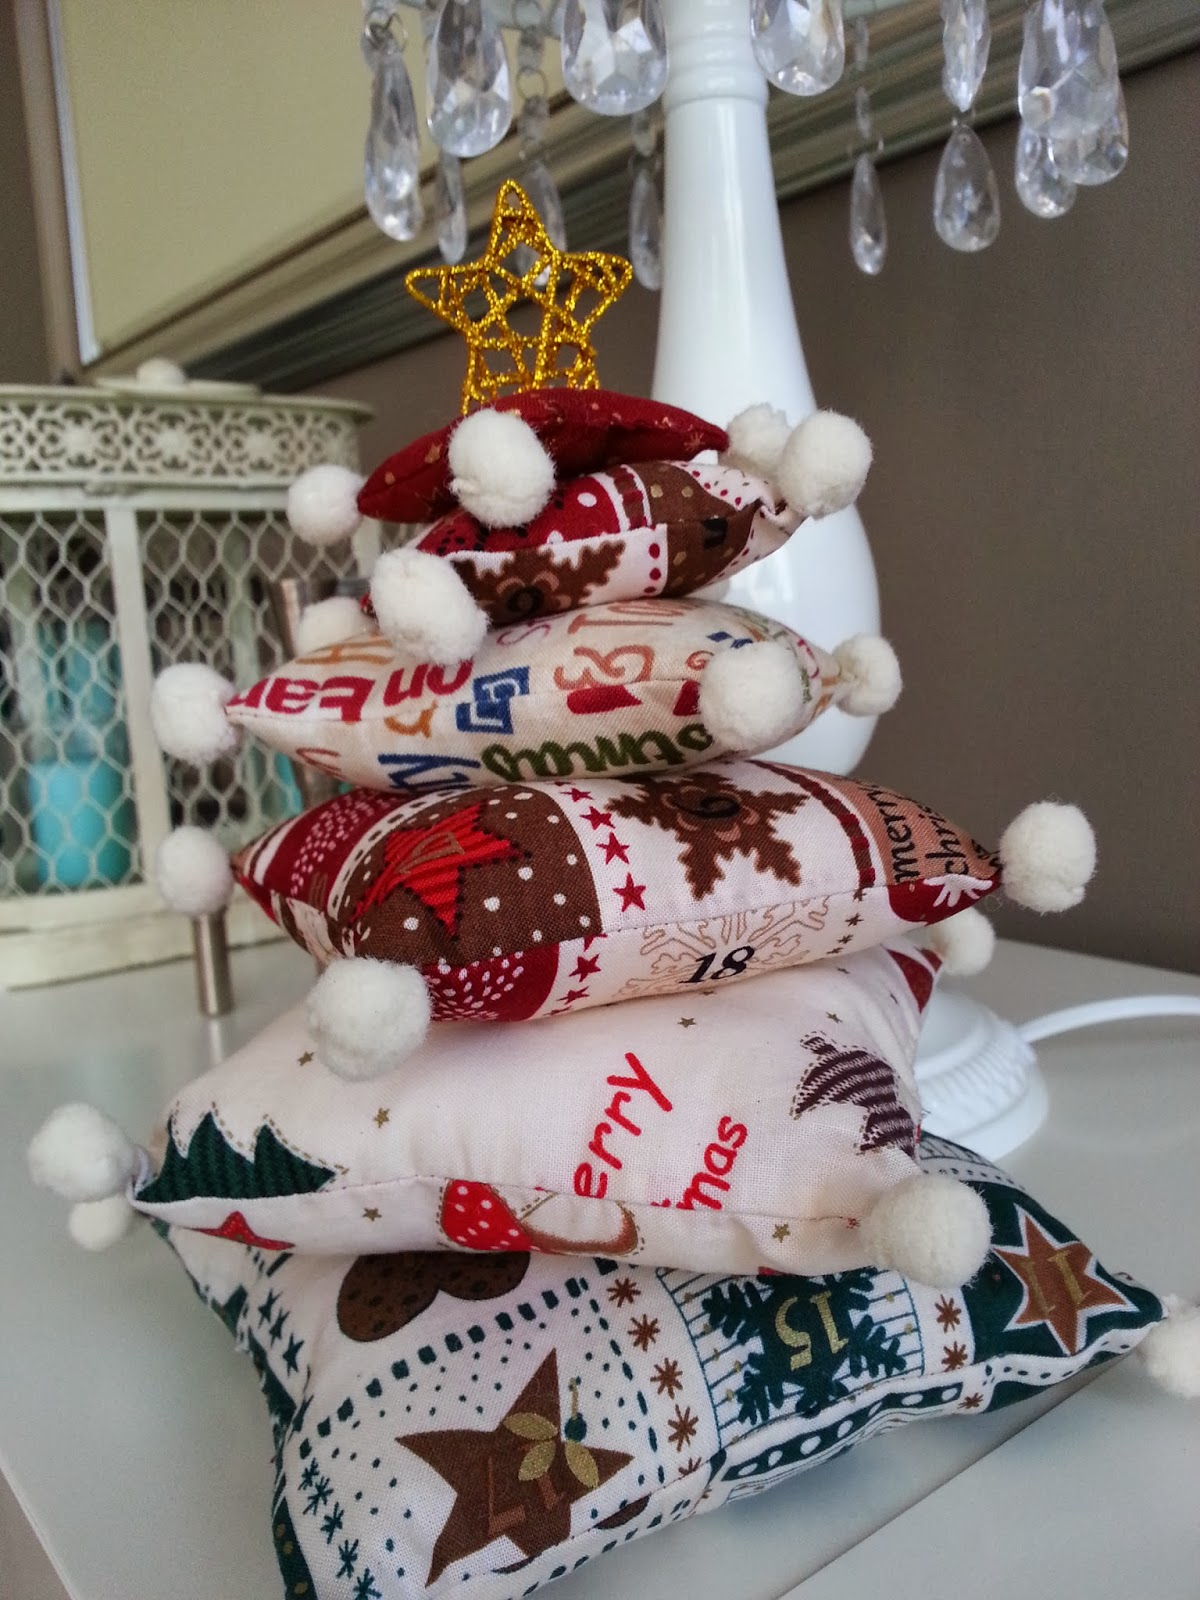 Con encanto hazlo tu mismo diy arbol de navidad - Arbol navidad leroy ...